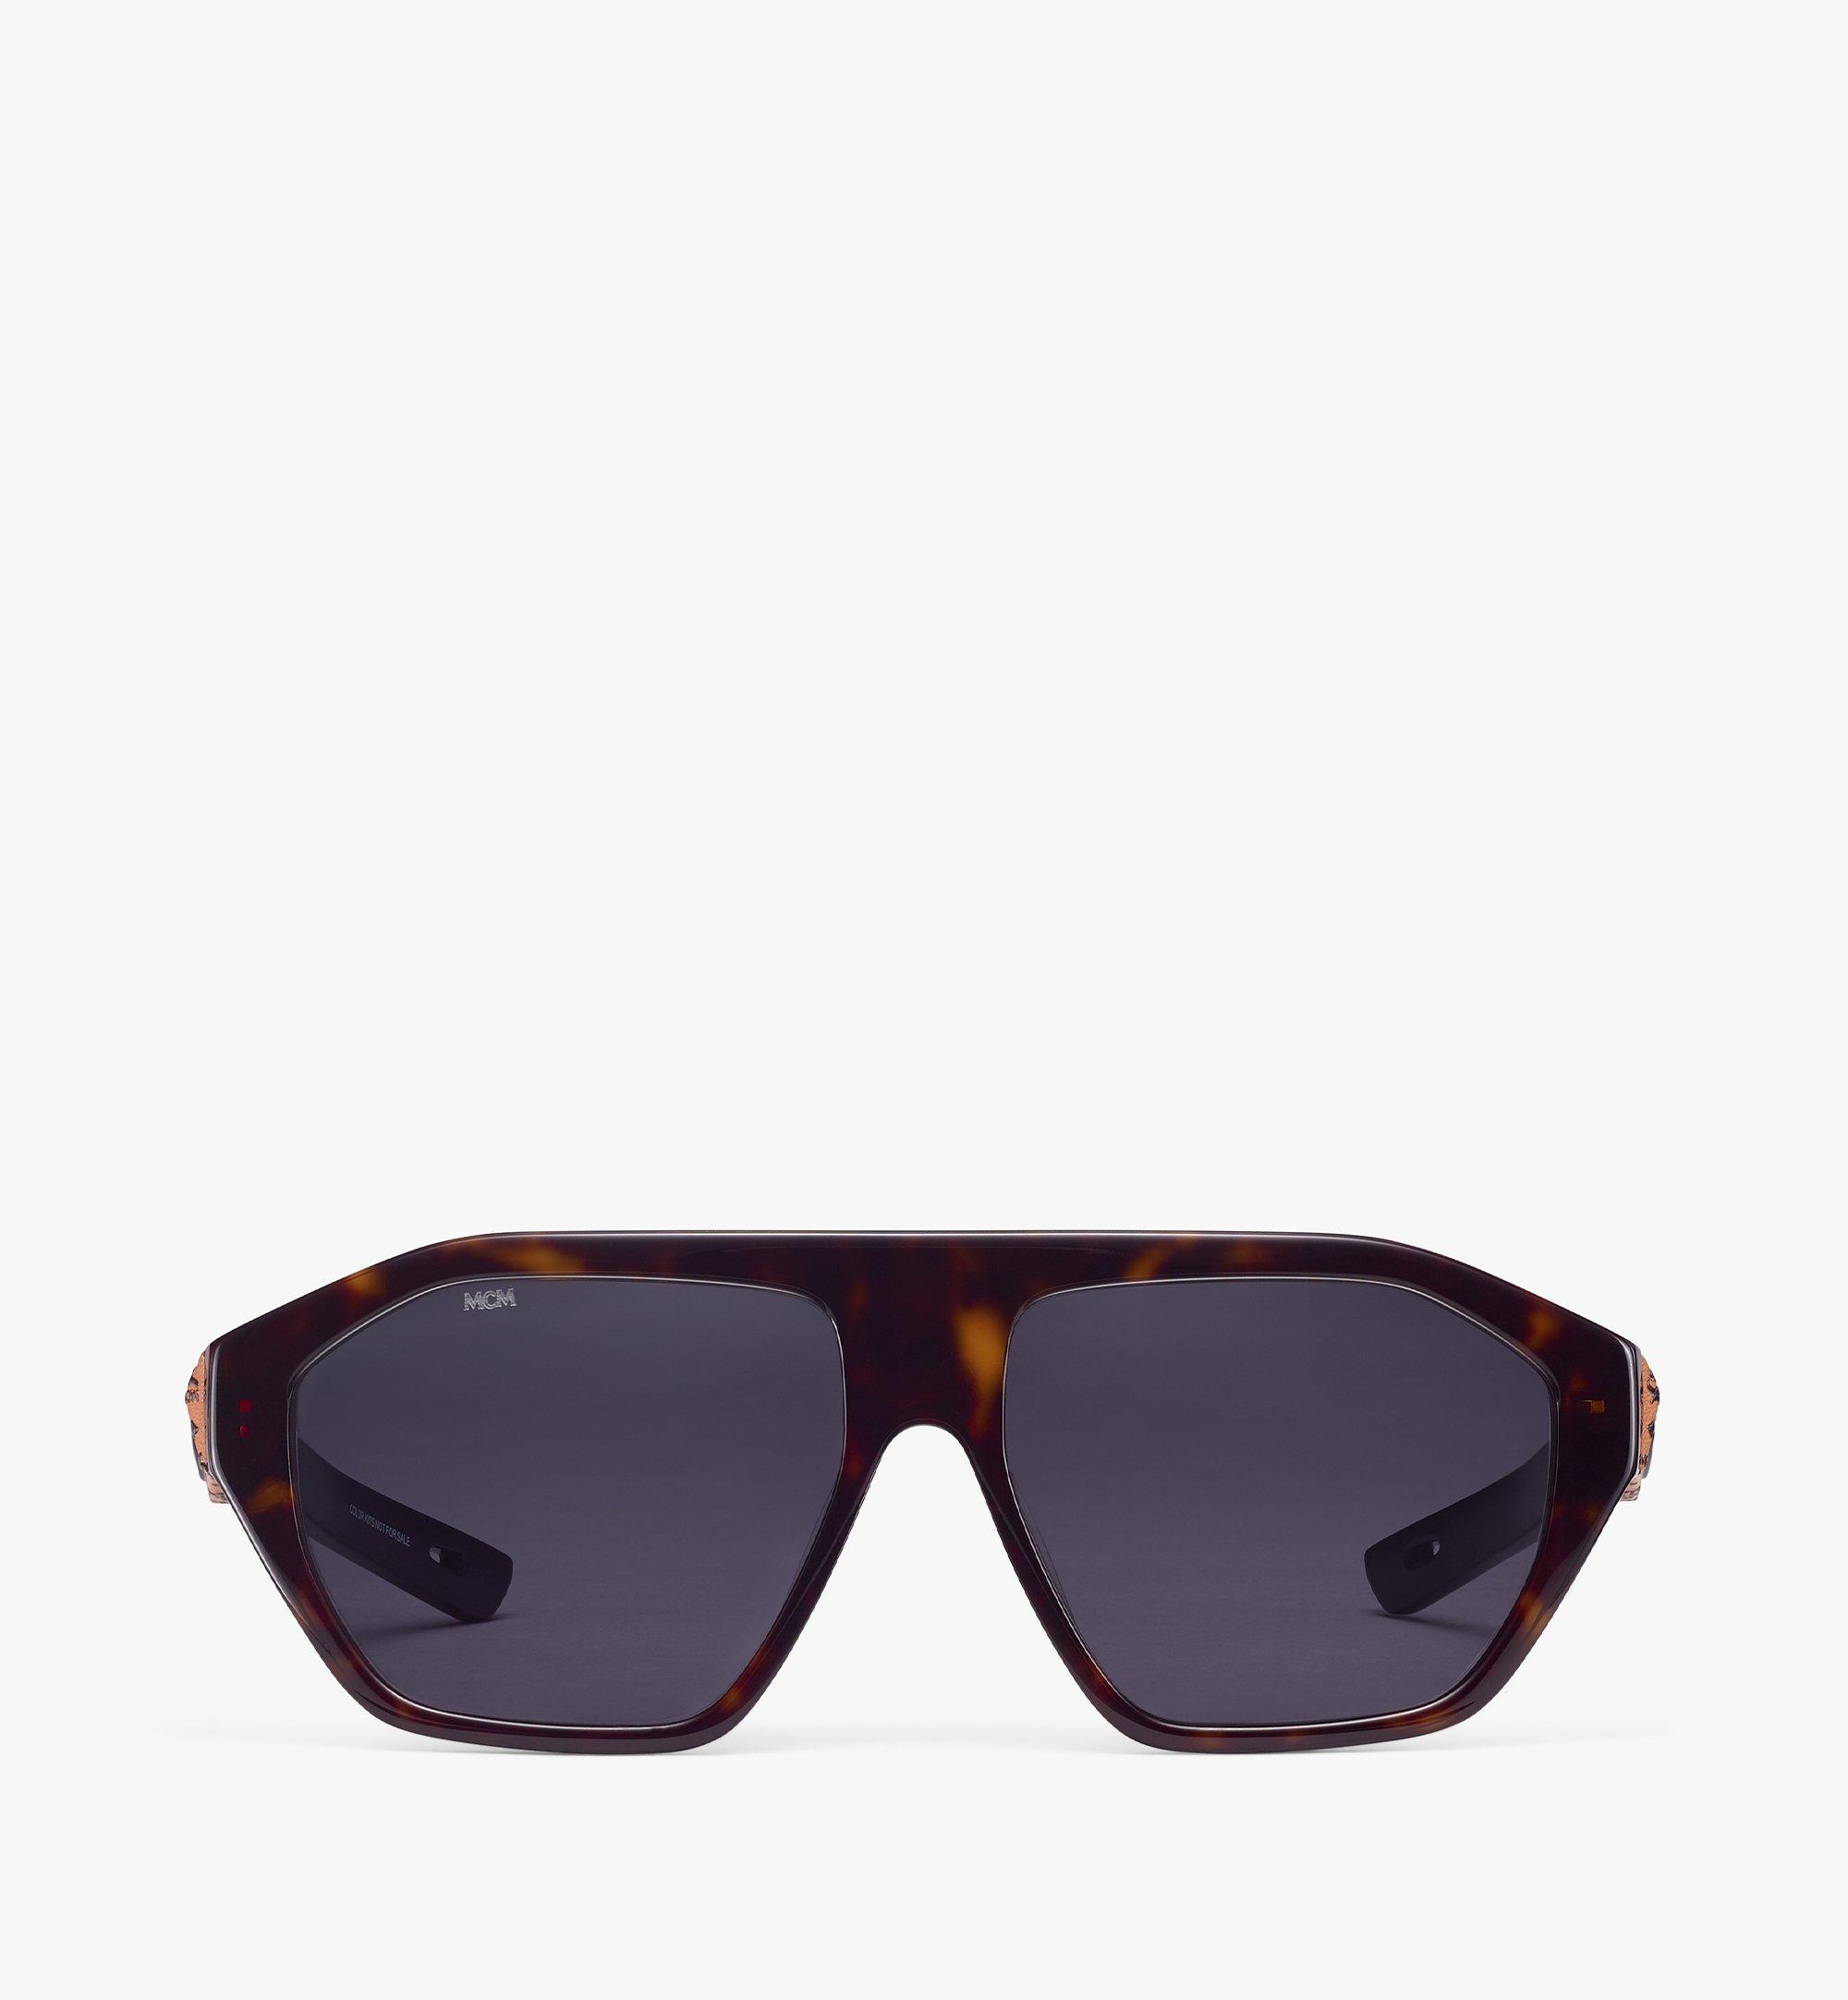 MCM 705SL 太陽眼鏡 Brown MEGBSMM25N3001 更多視圖 1